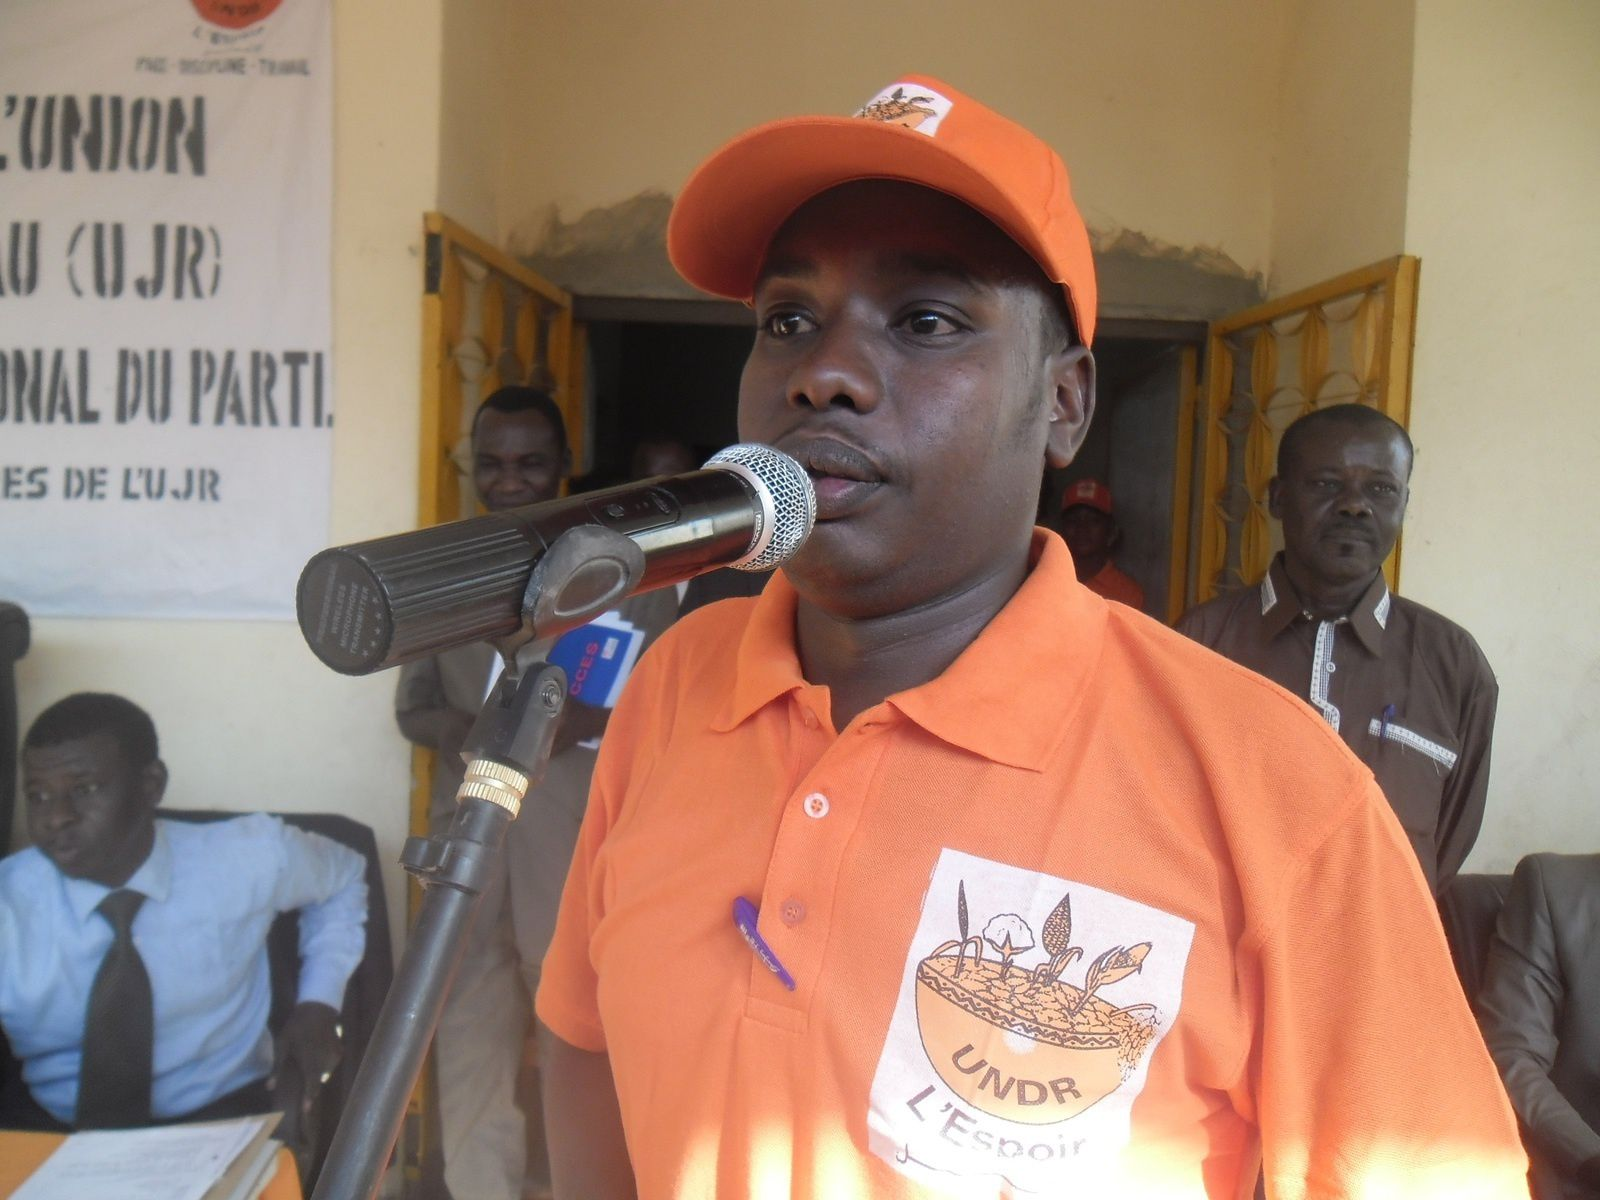 Coup dur pour l'Undr Opposition: Mahamat Tahir Korom Bodoloumi, président de l'UJR, échappe à une tentative d'enlèvement!